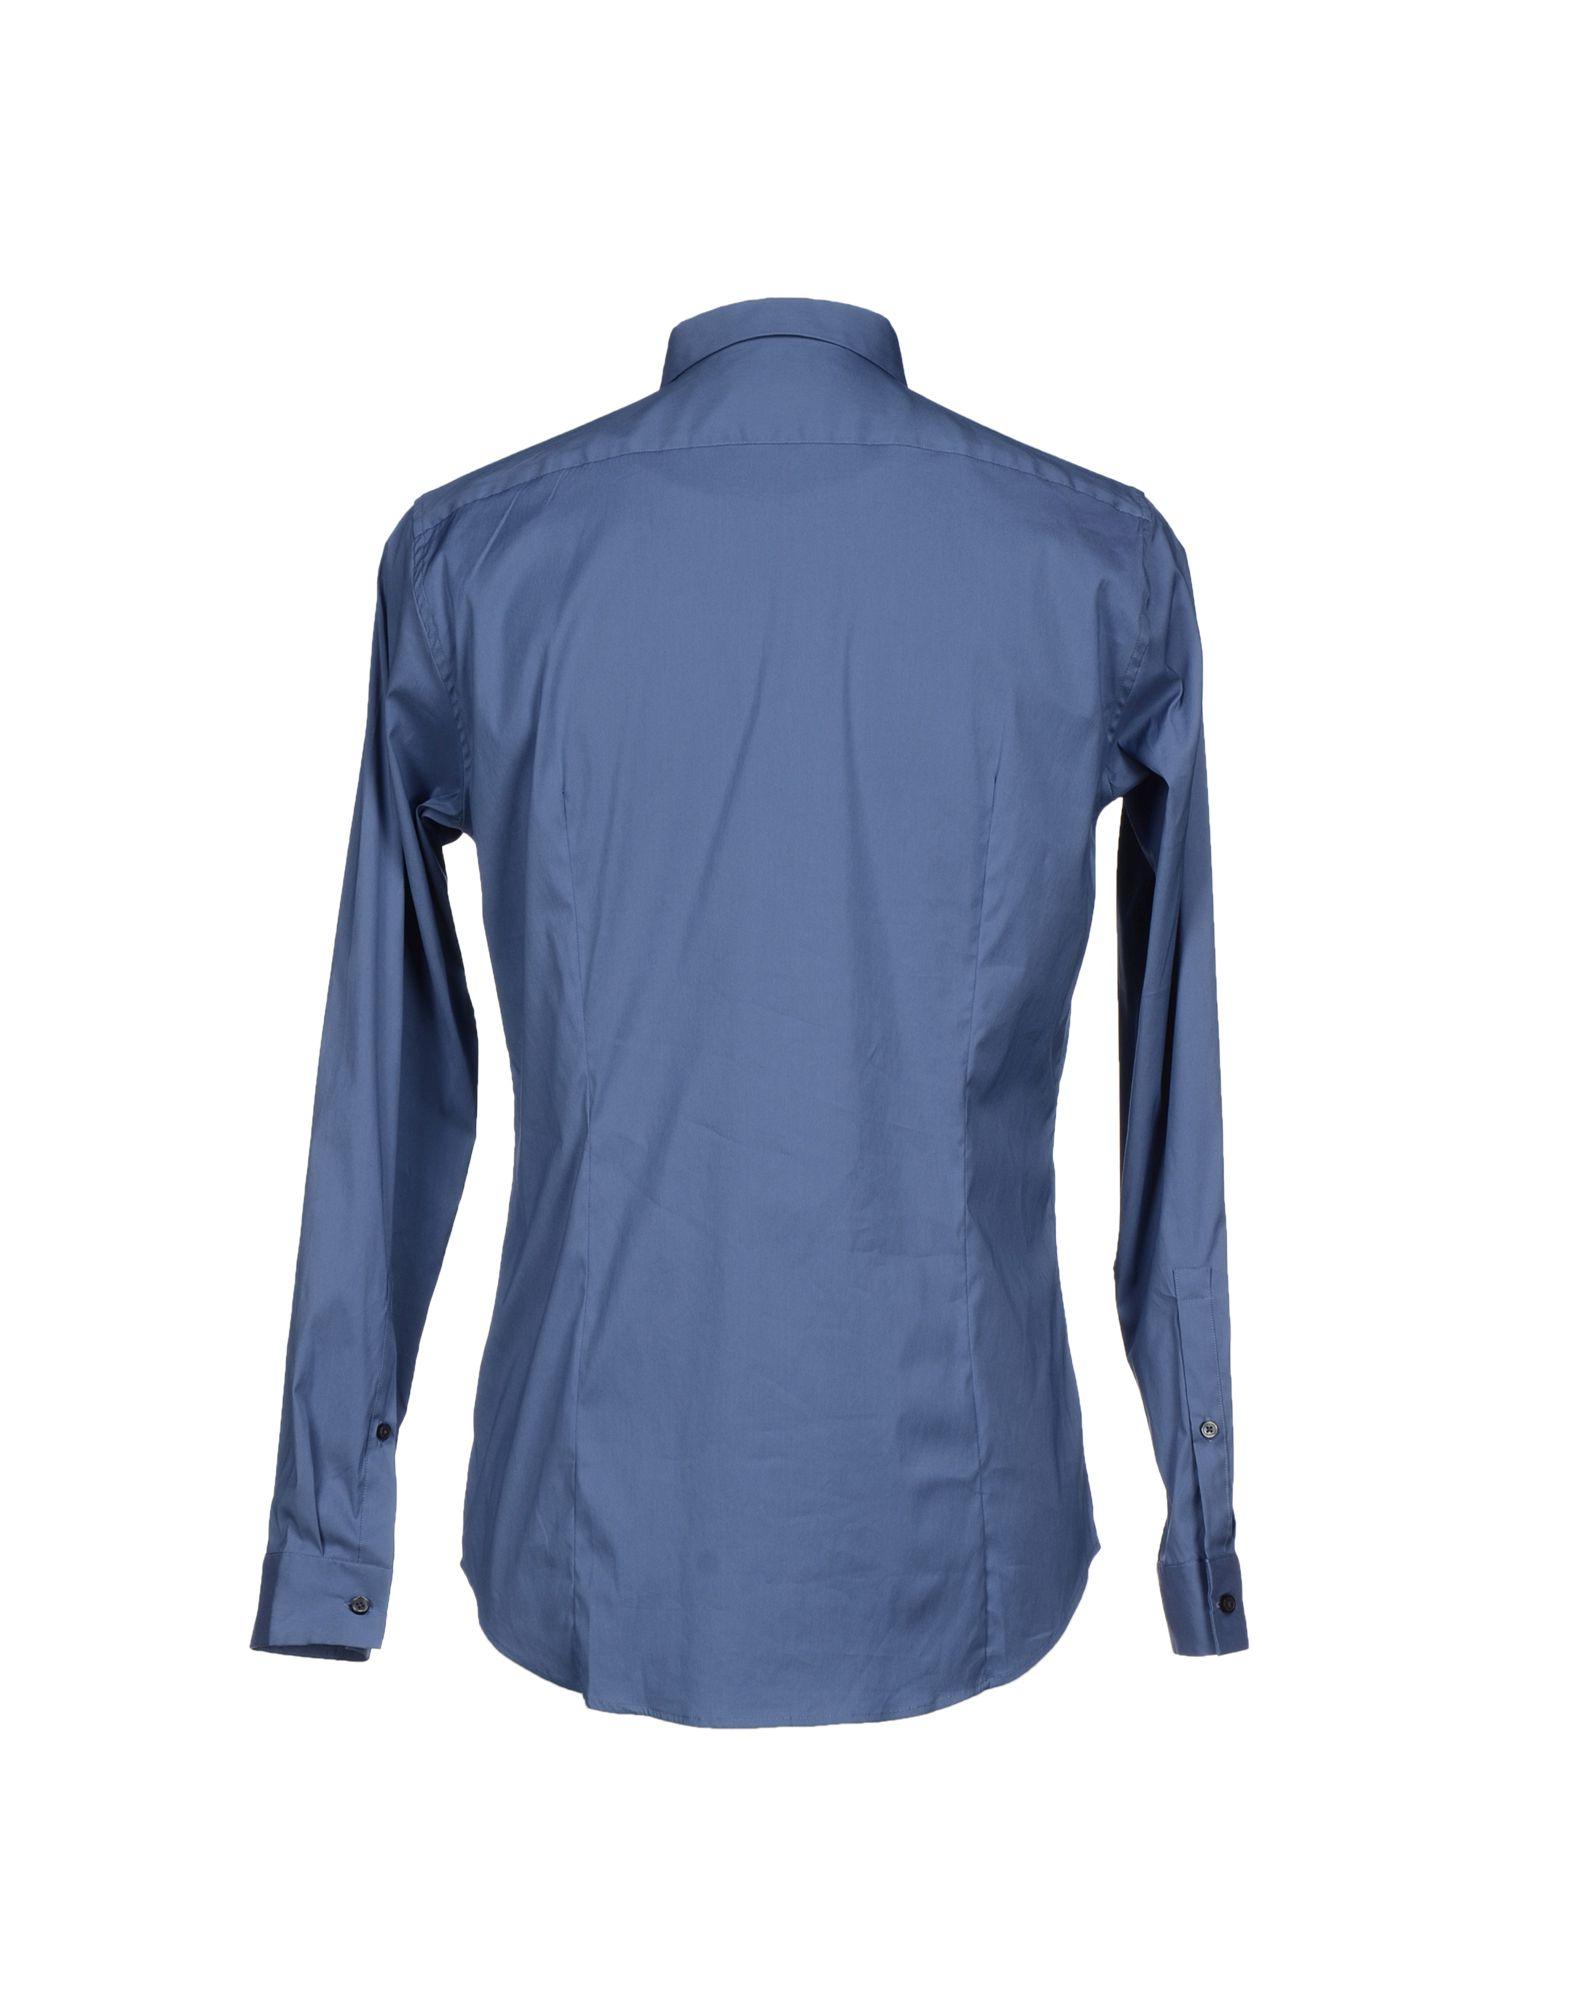 michael kors shirt in blue for men slate blue lyst. Black Bedroom Furniture Sets. Home Design Ideas